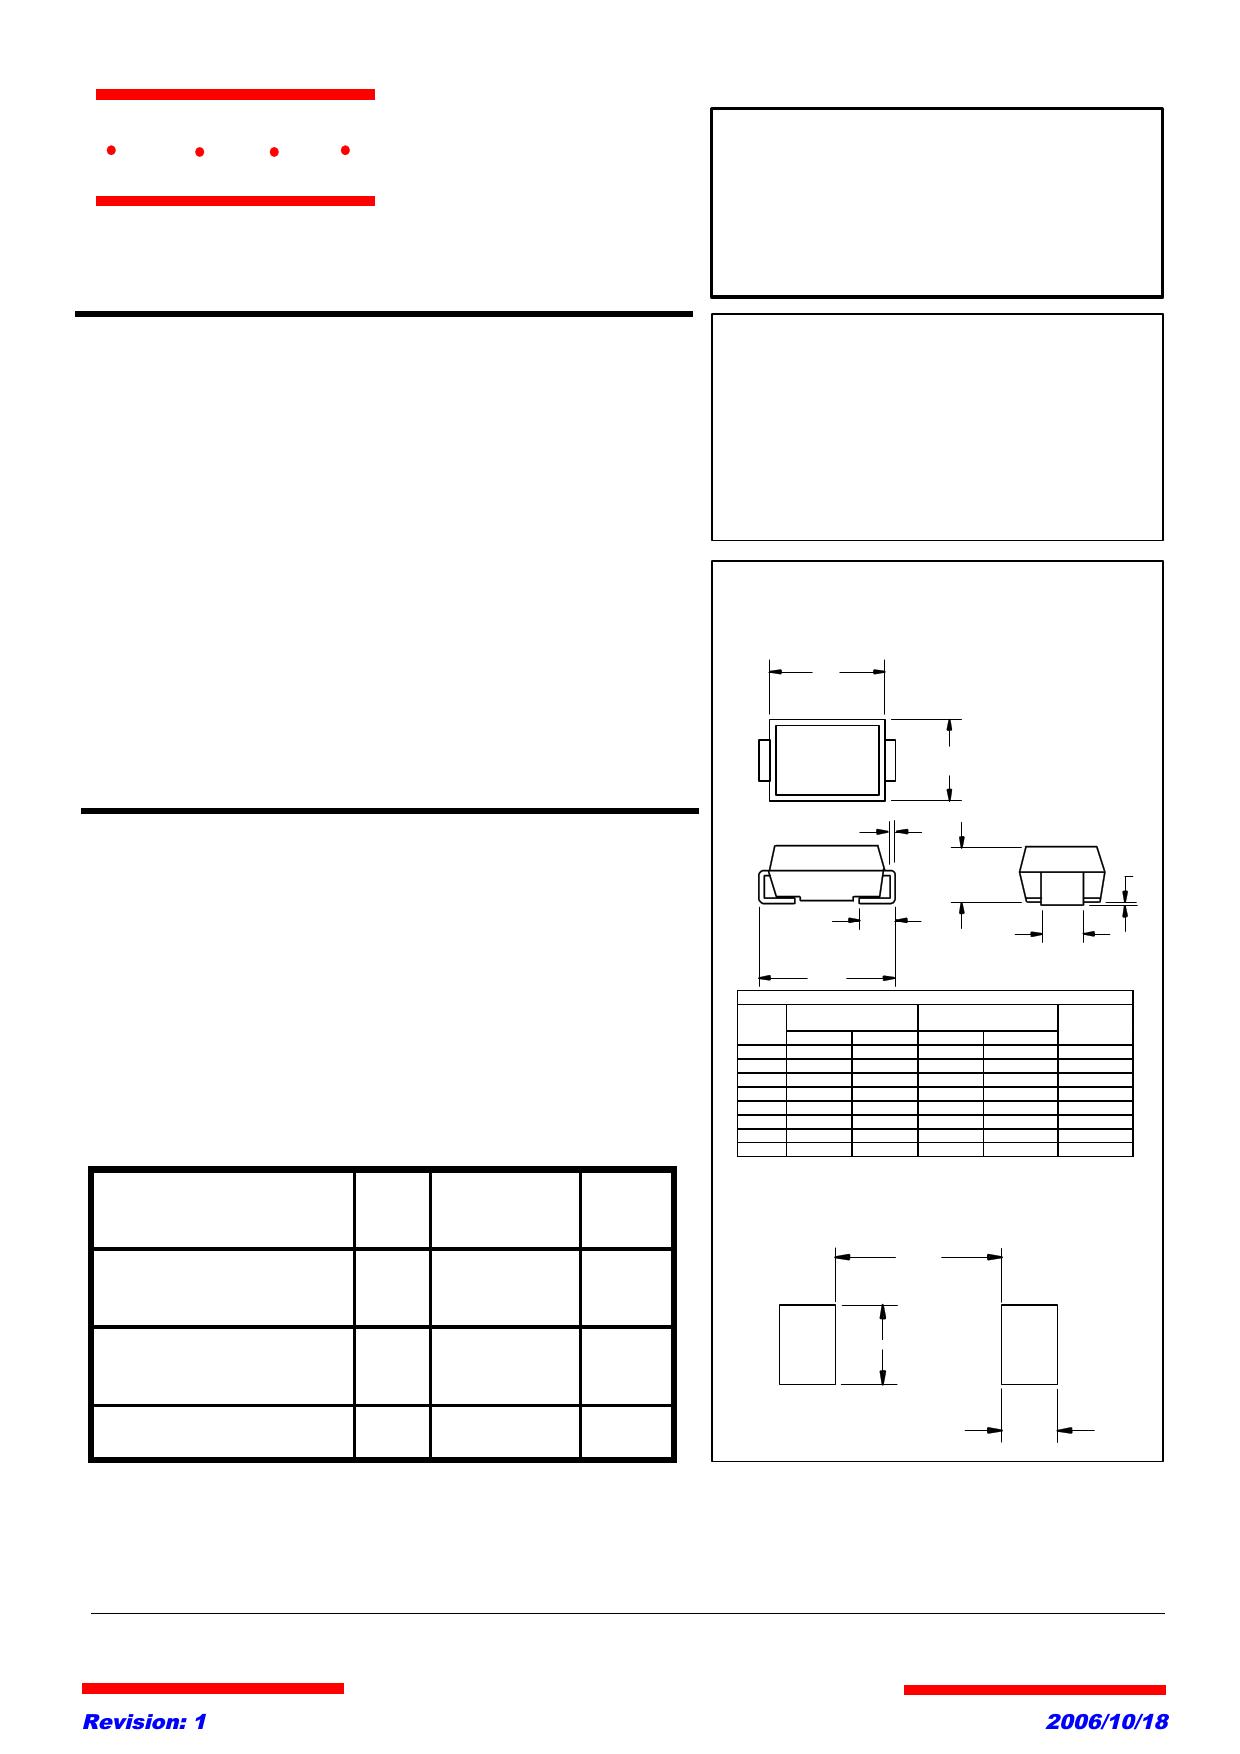 5.0SMLJ13A datasheet